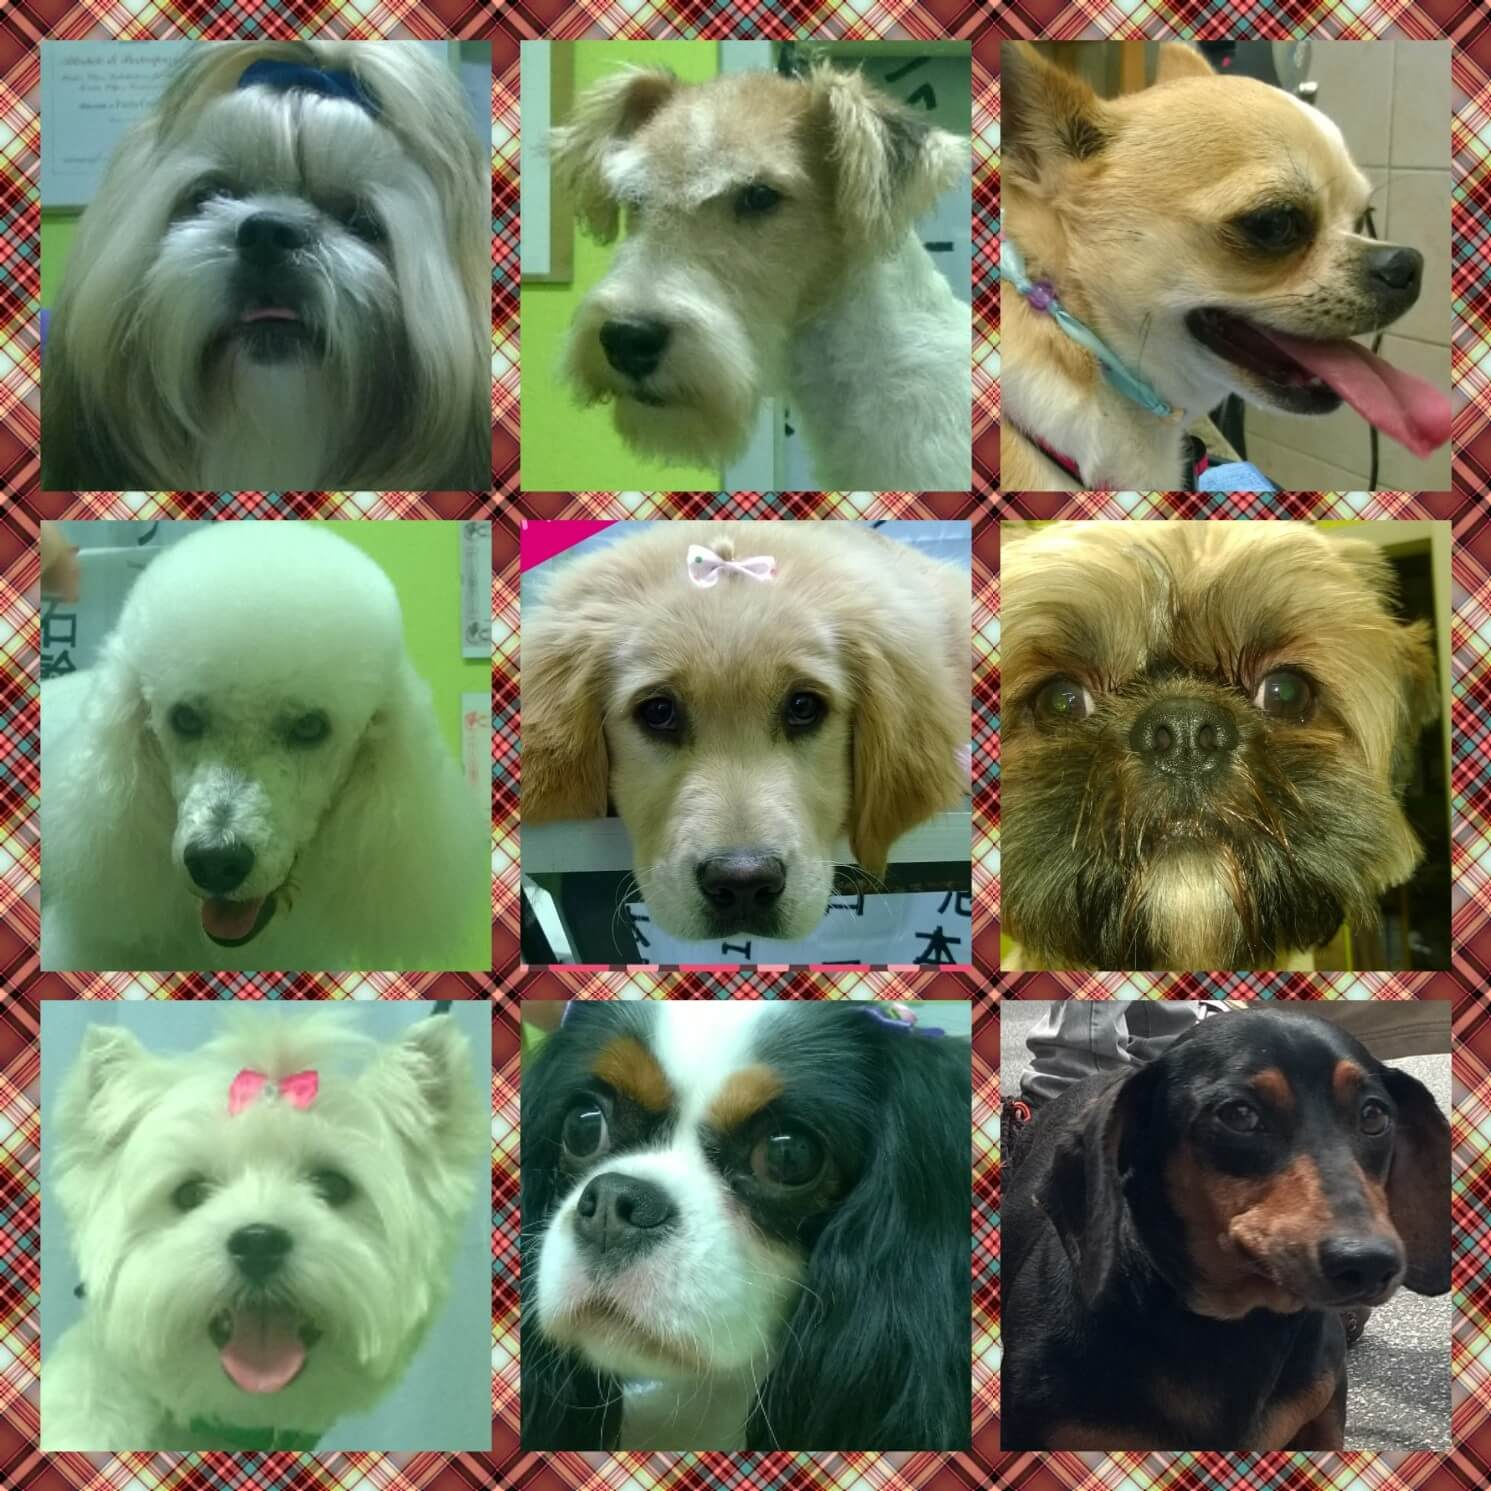 Quarto collage con 9 primi piani di cagnolini